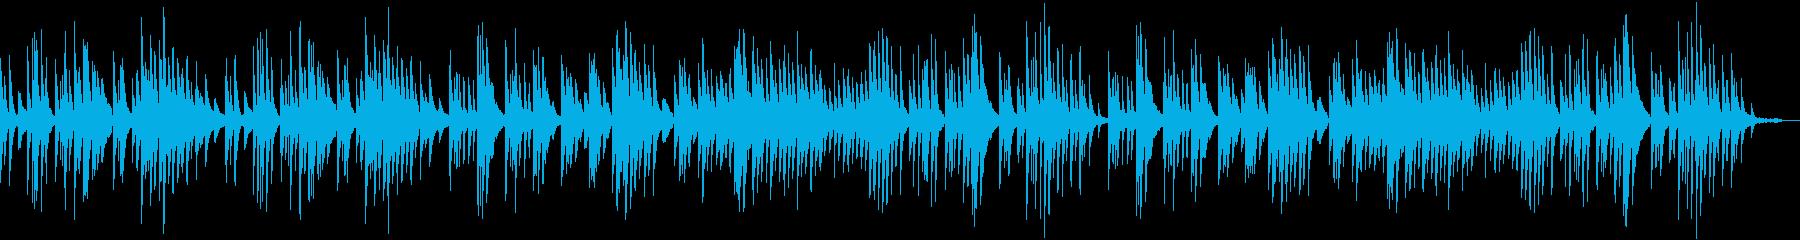 サラバンド/グリーグ【しっとりピアノ版】の再生済みの波形